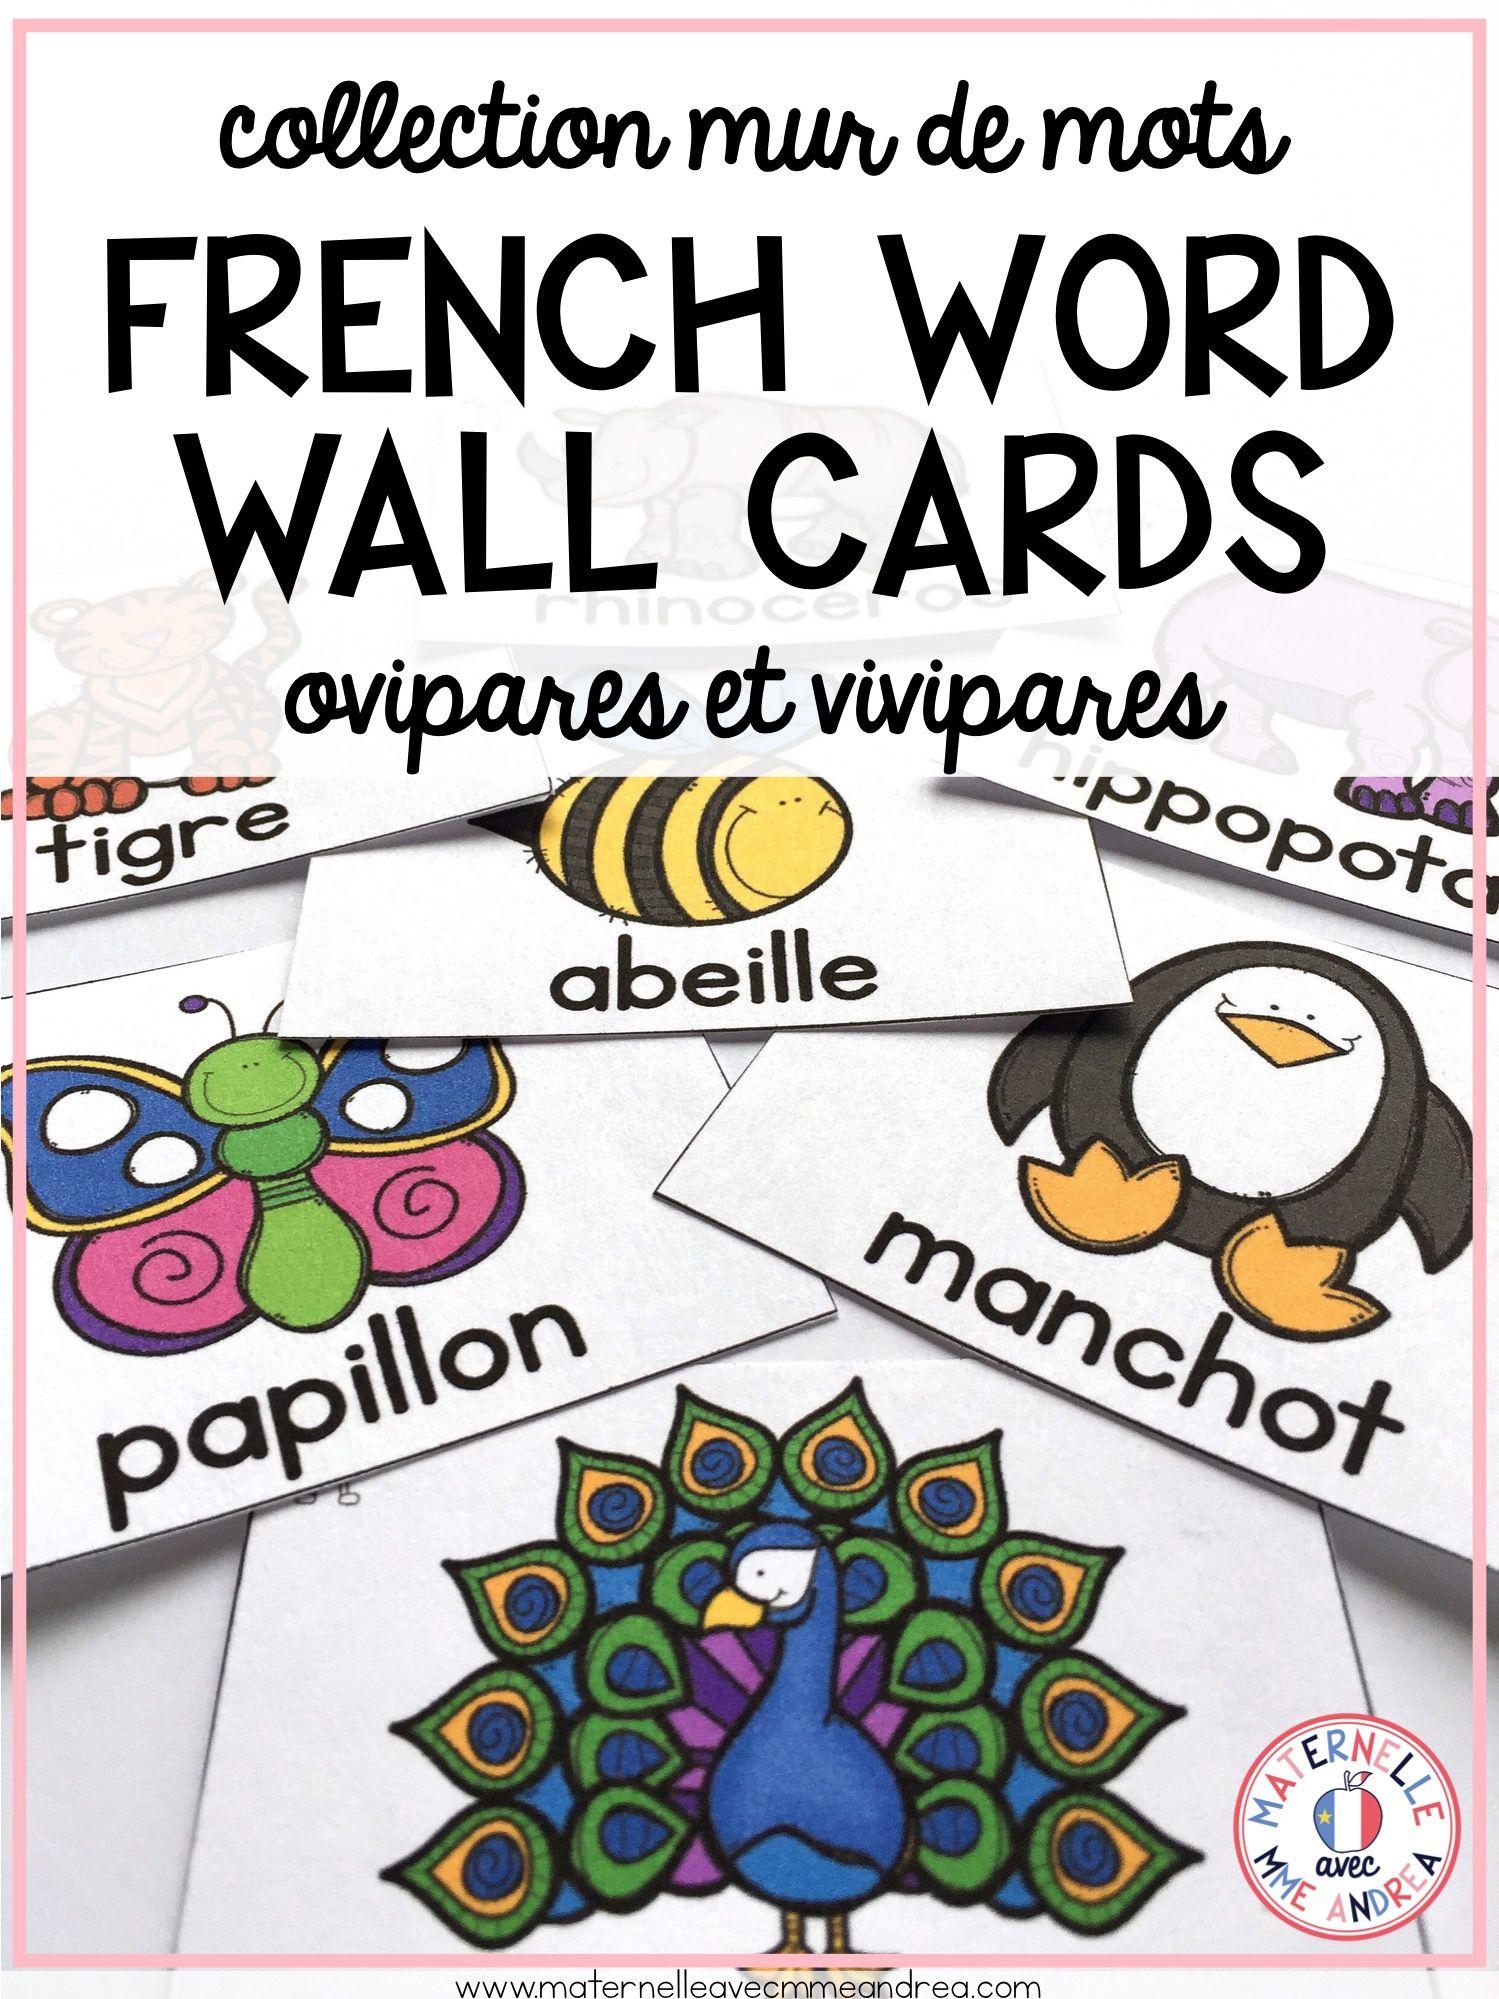 French Vocabulary Cards Cartes De Vocabulaire